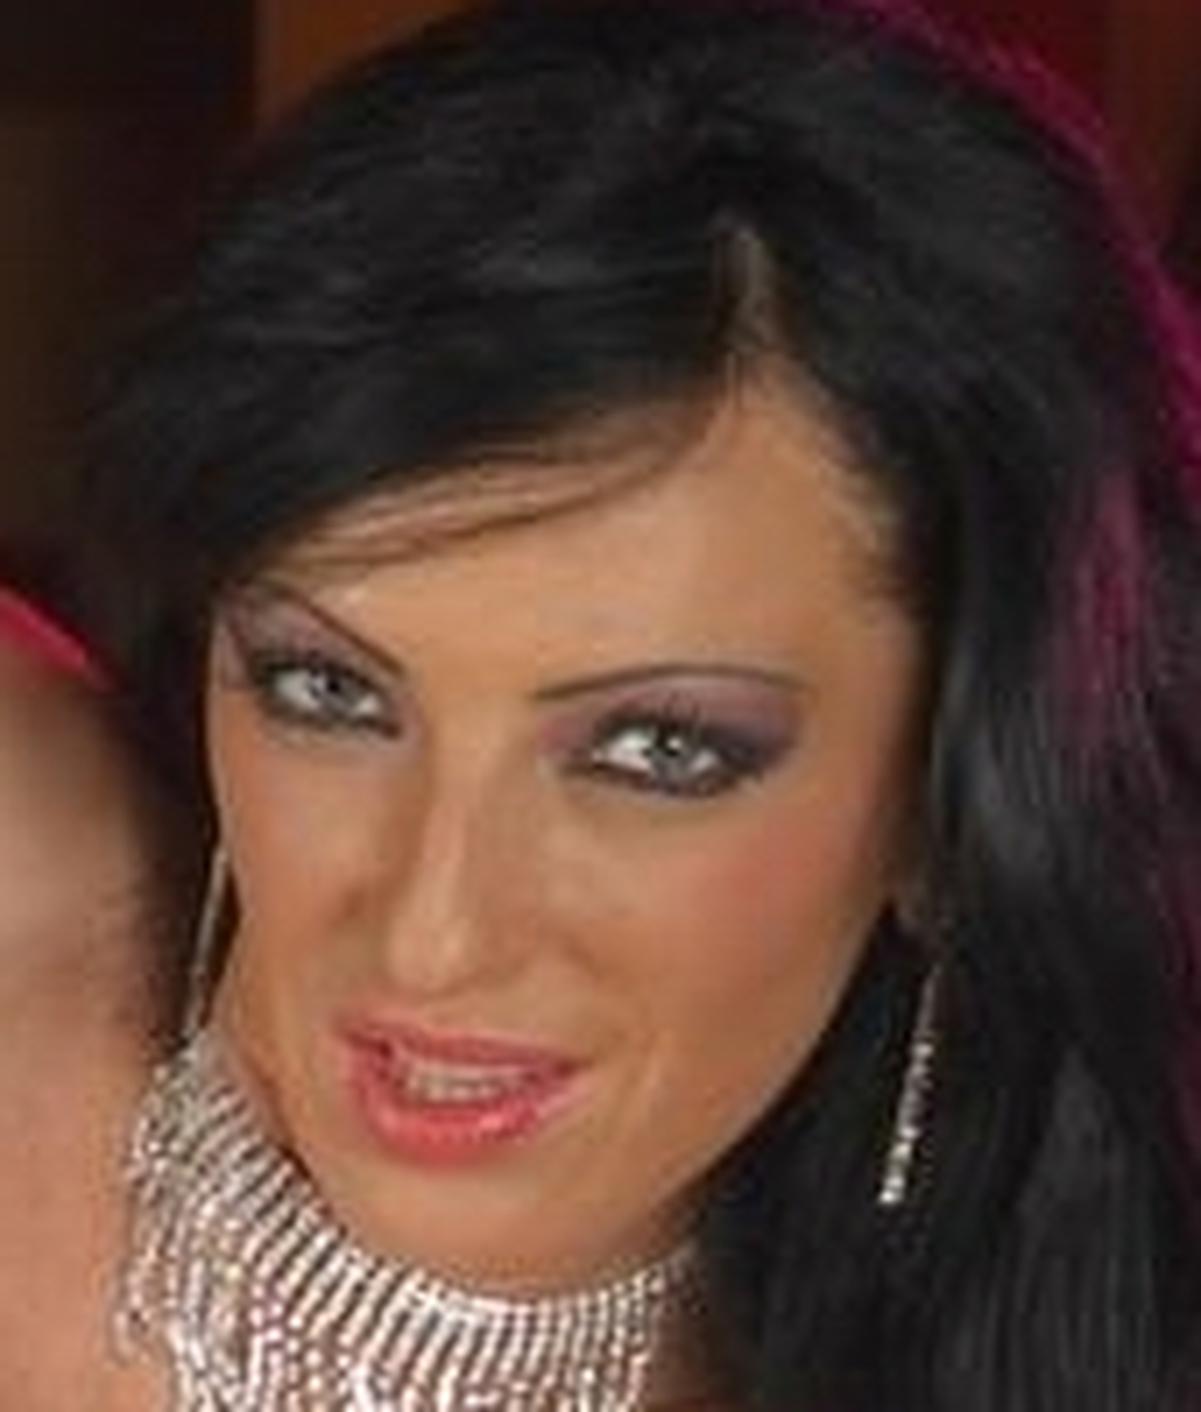 Alisha Sweet